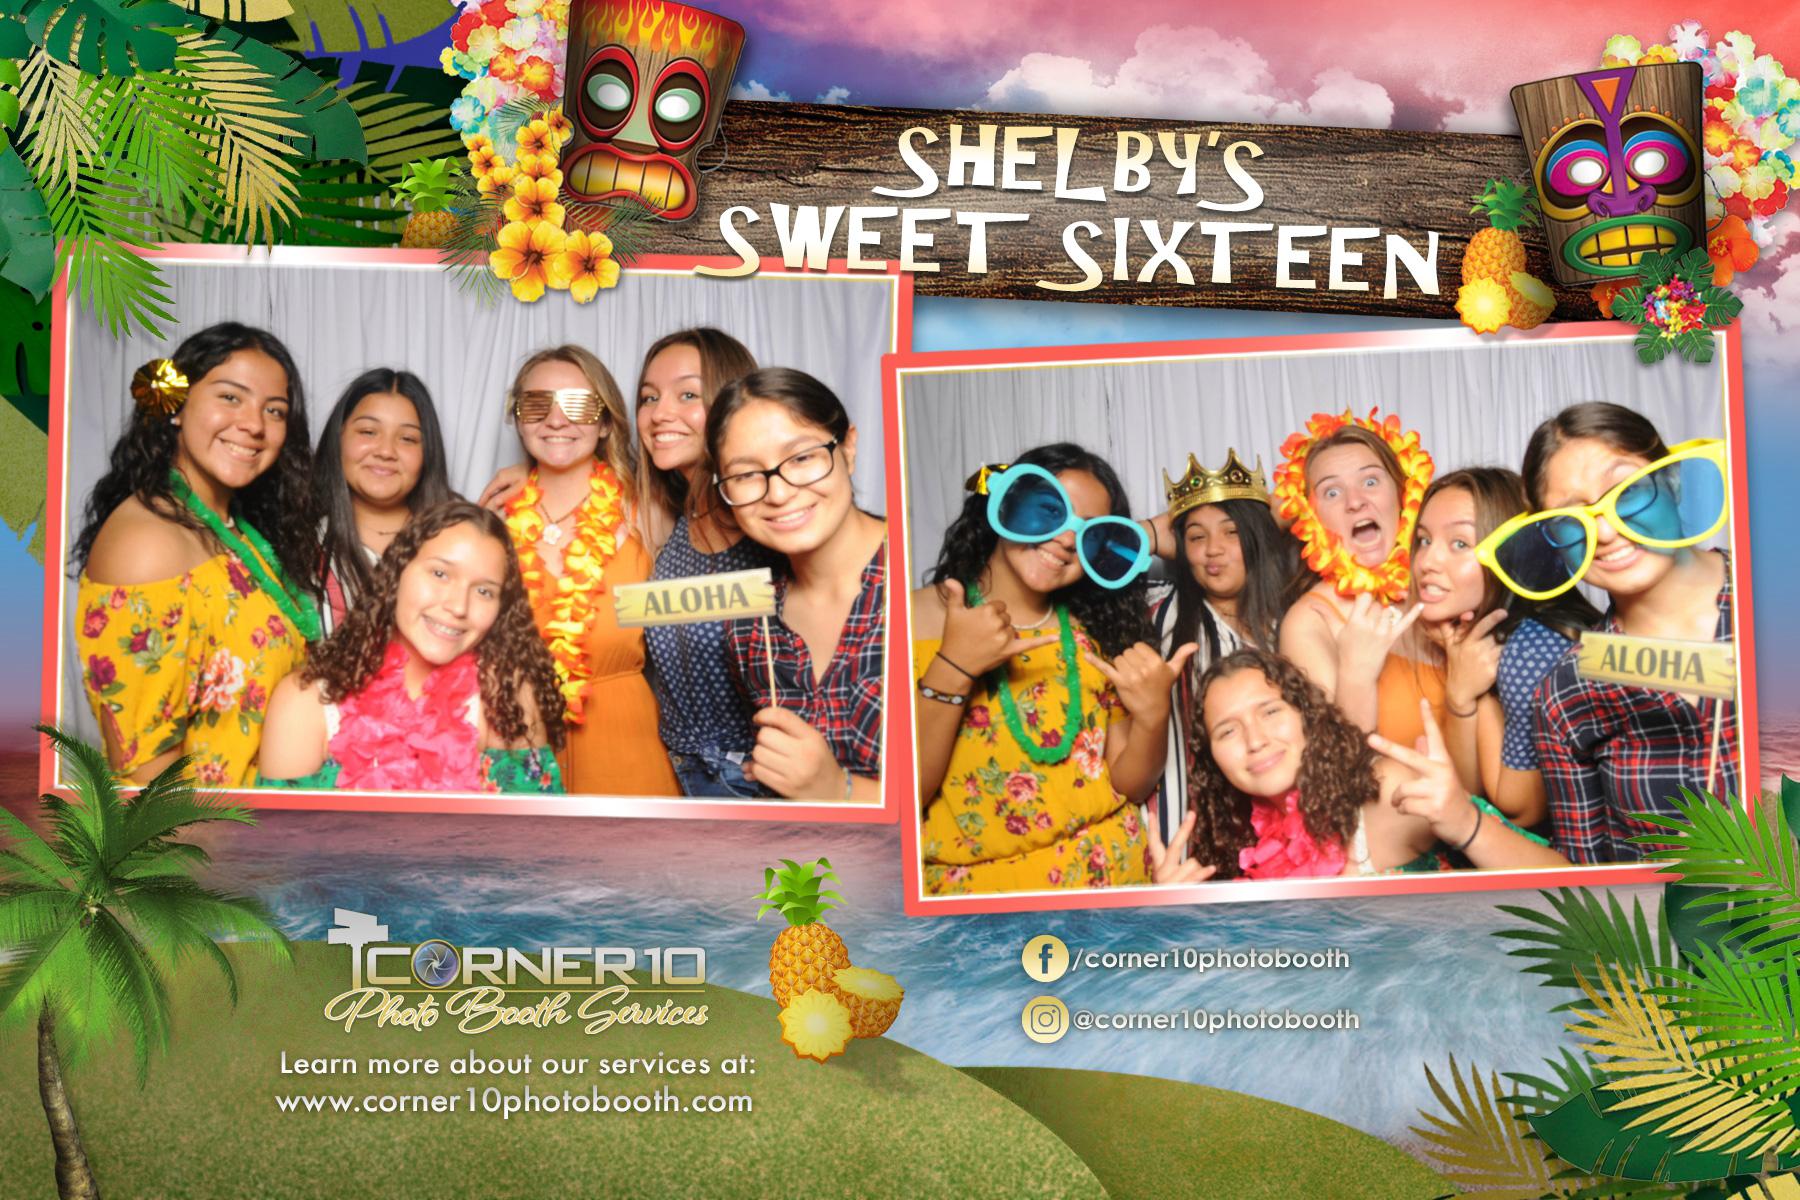 Corner 10 Creative Photo Booth Example 13